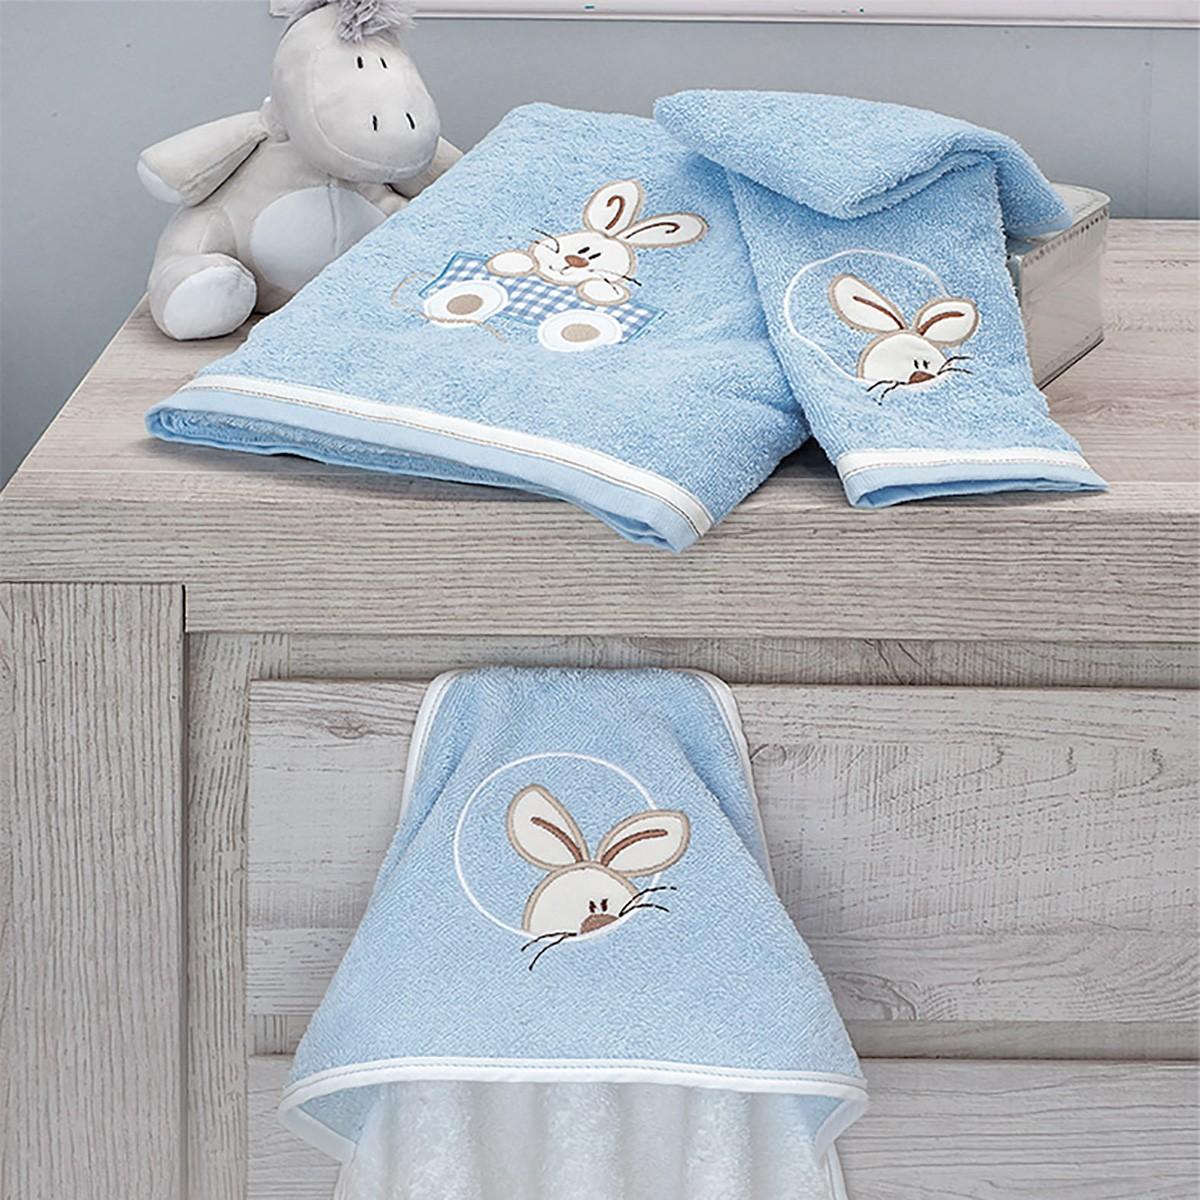 Βρεφικές Πετσέτες (Σετ 2τμχ) Baby Oliver Happy Bunny 141